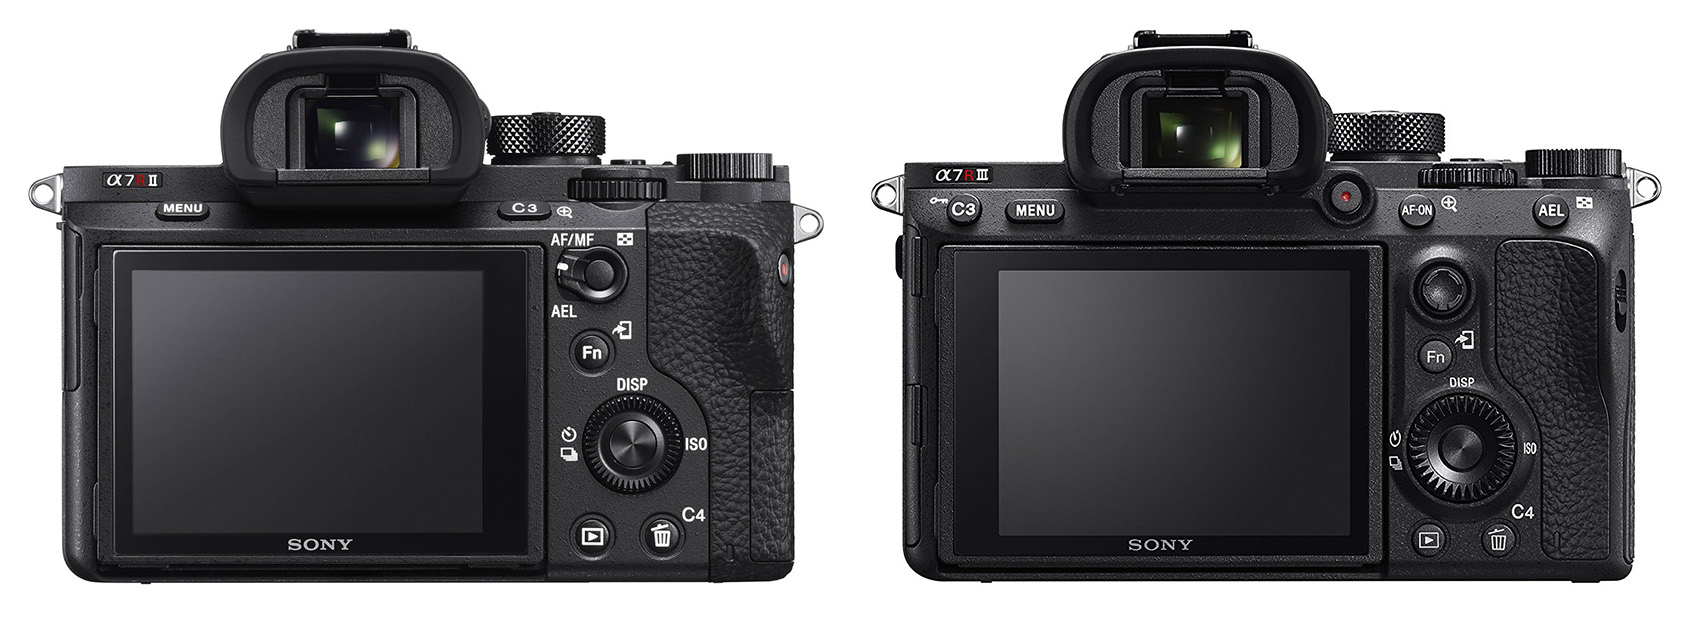 d07dbd9c45f Vaatame üle tagaküljel olevad nupud. Ja selleks, et asju perspektiivi  panna, võtame võrdluseks kõrvale aste vanema A7R Mark II kaamera (vasakul).